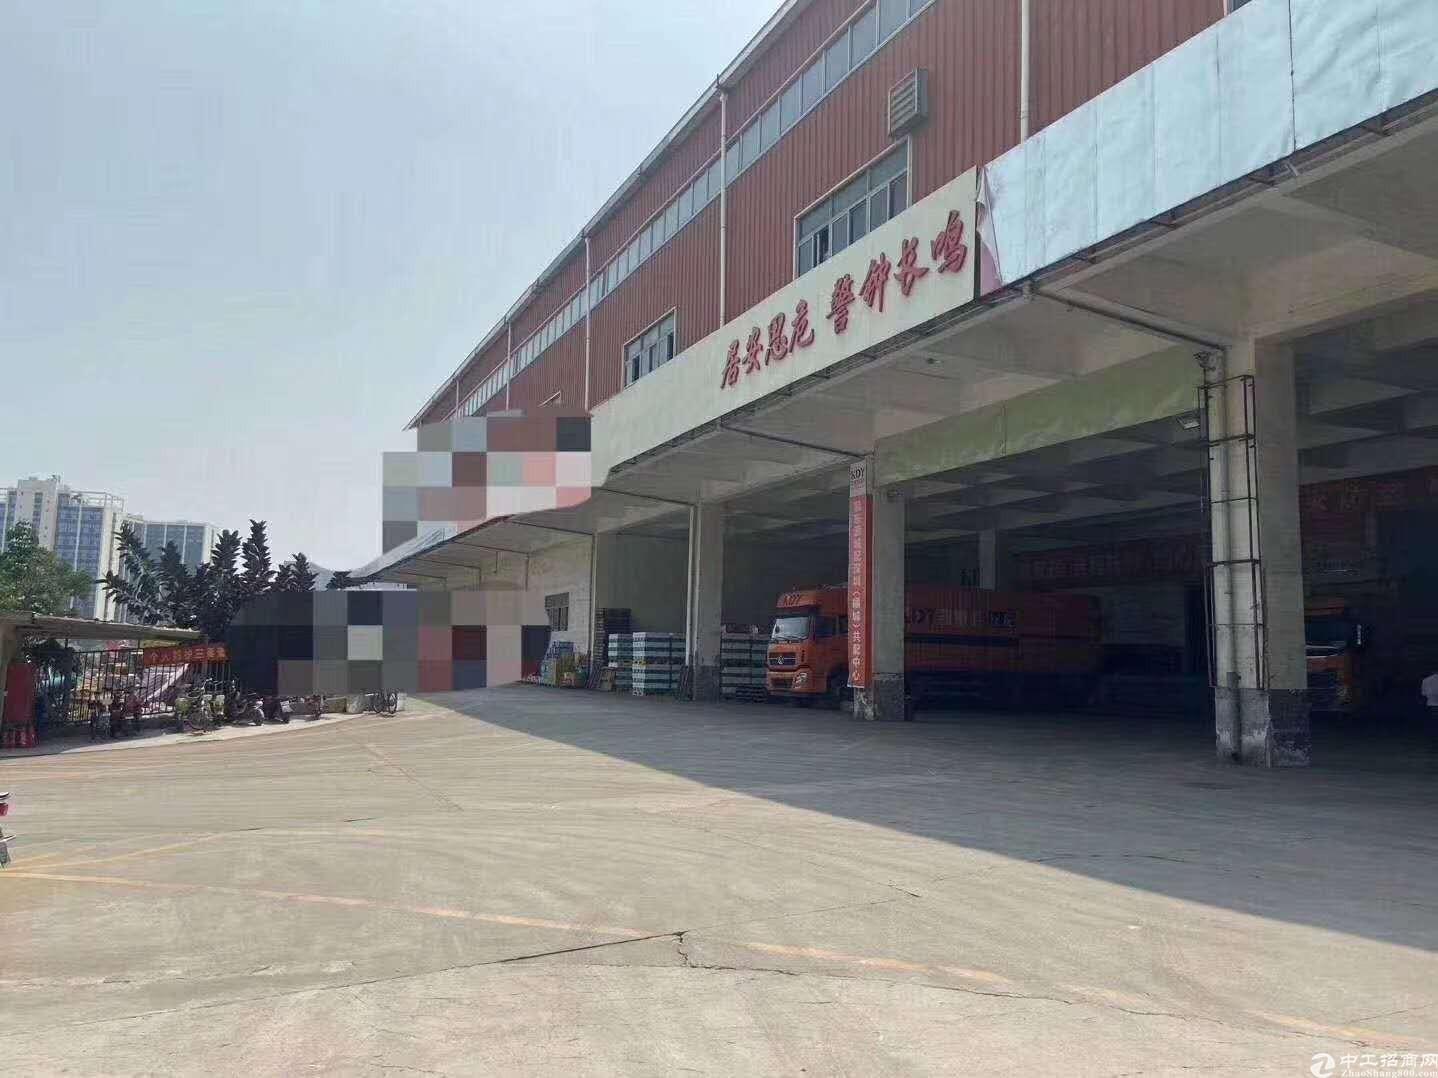 龙华主干道新出单一层物流仓库厂房9600平层高6.5米空地大